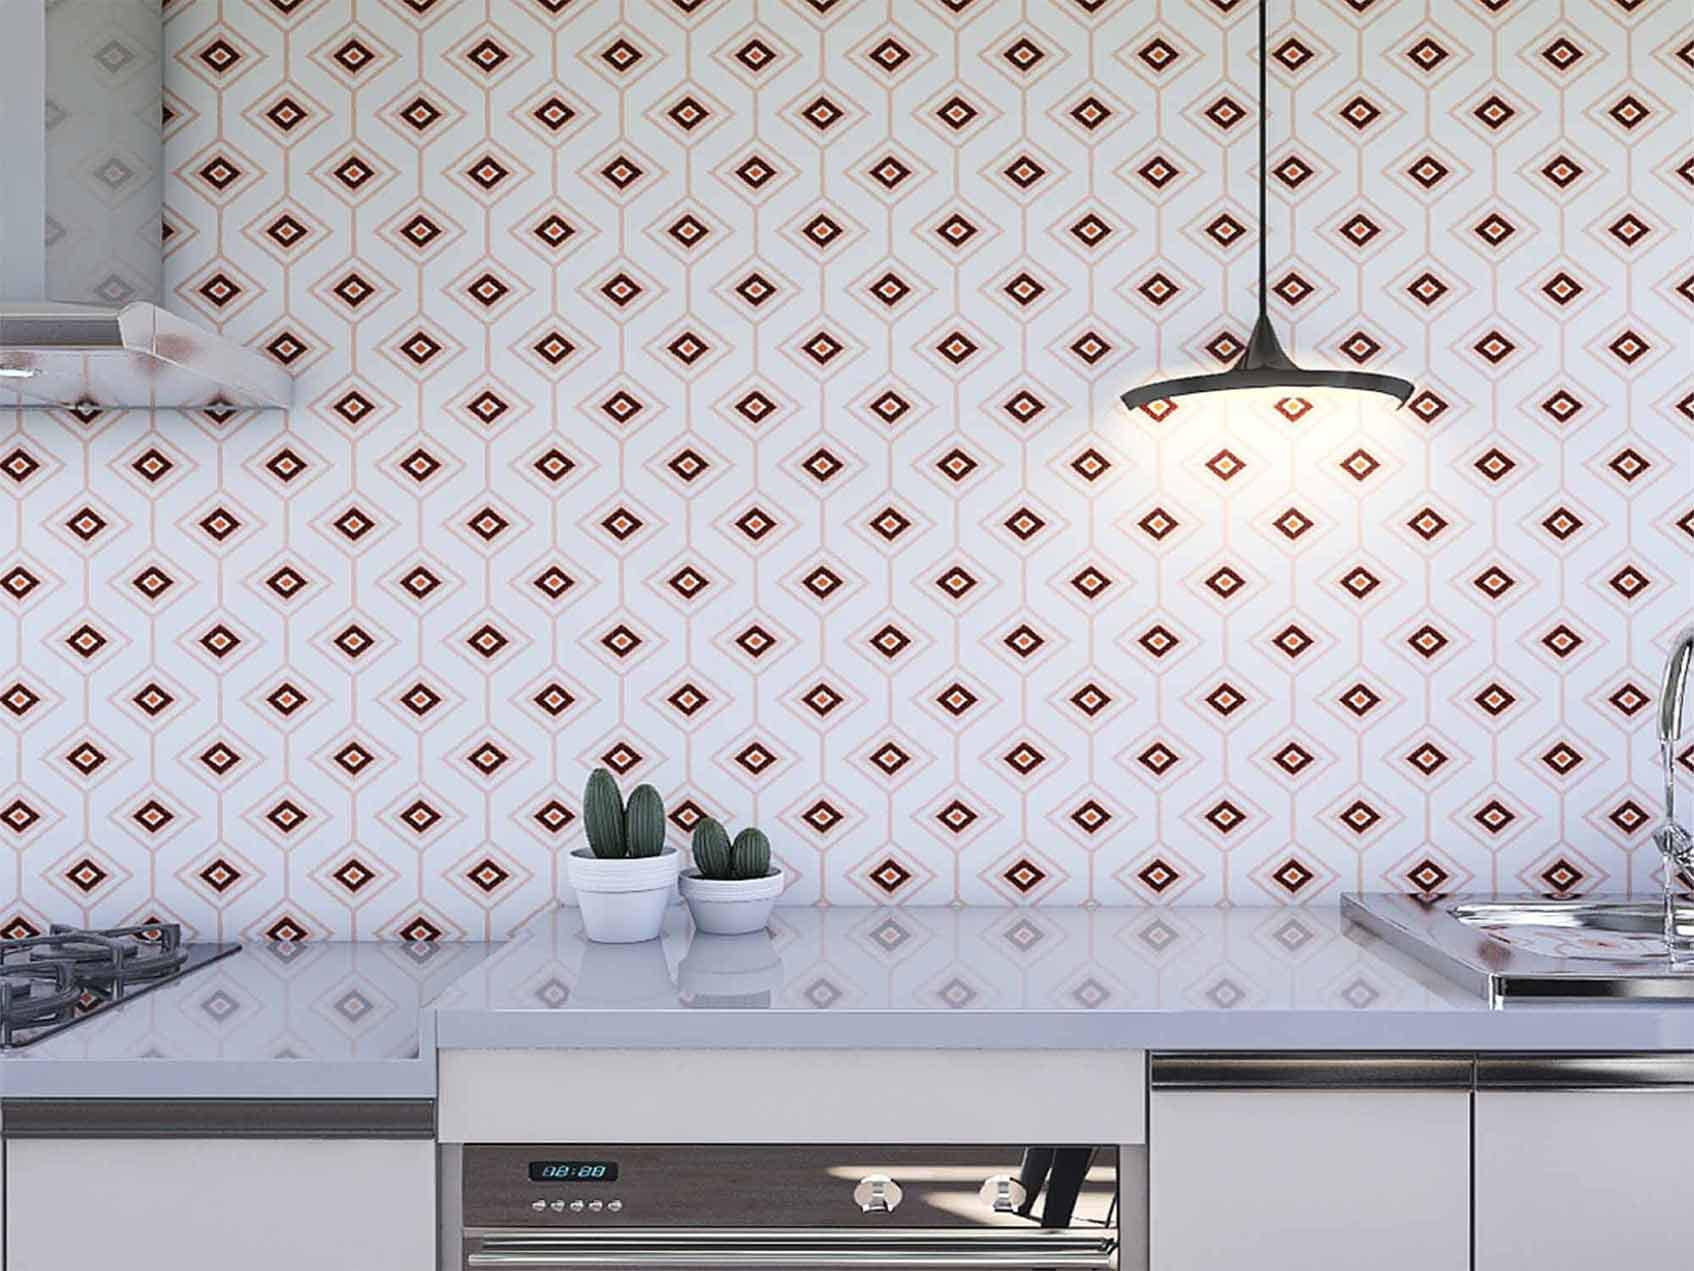 Papel de Parede para Cozinha Azulejos 0019 - Adesivos de Parede